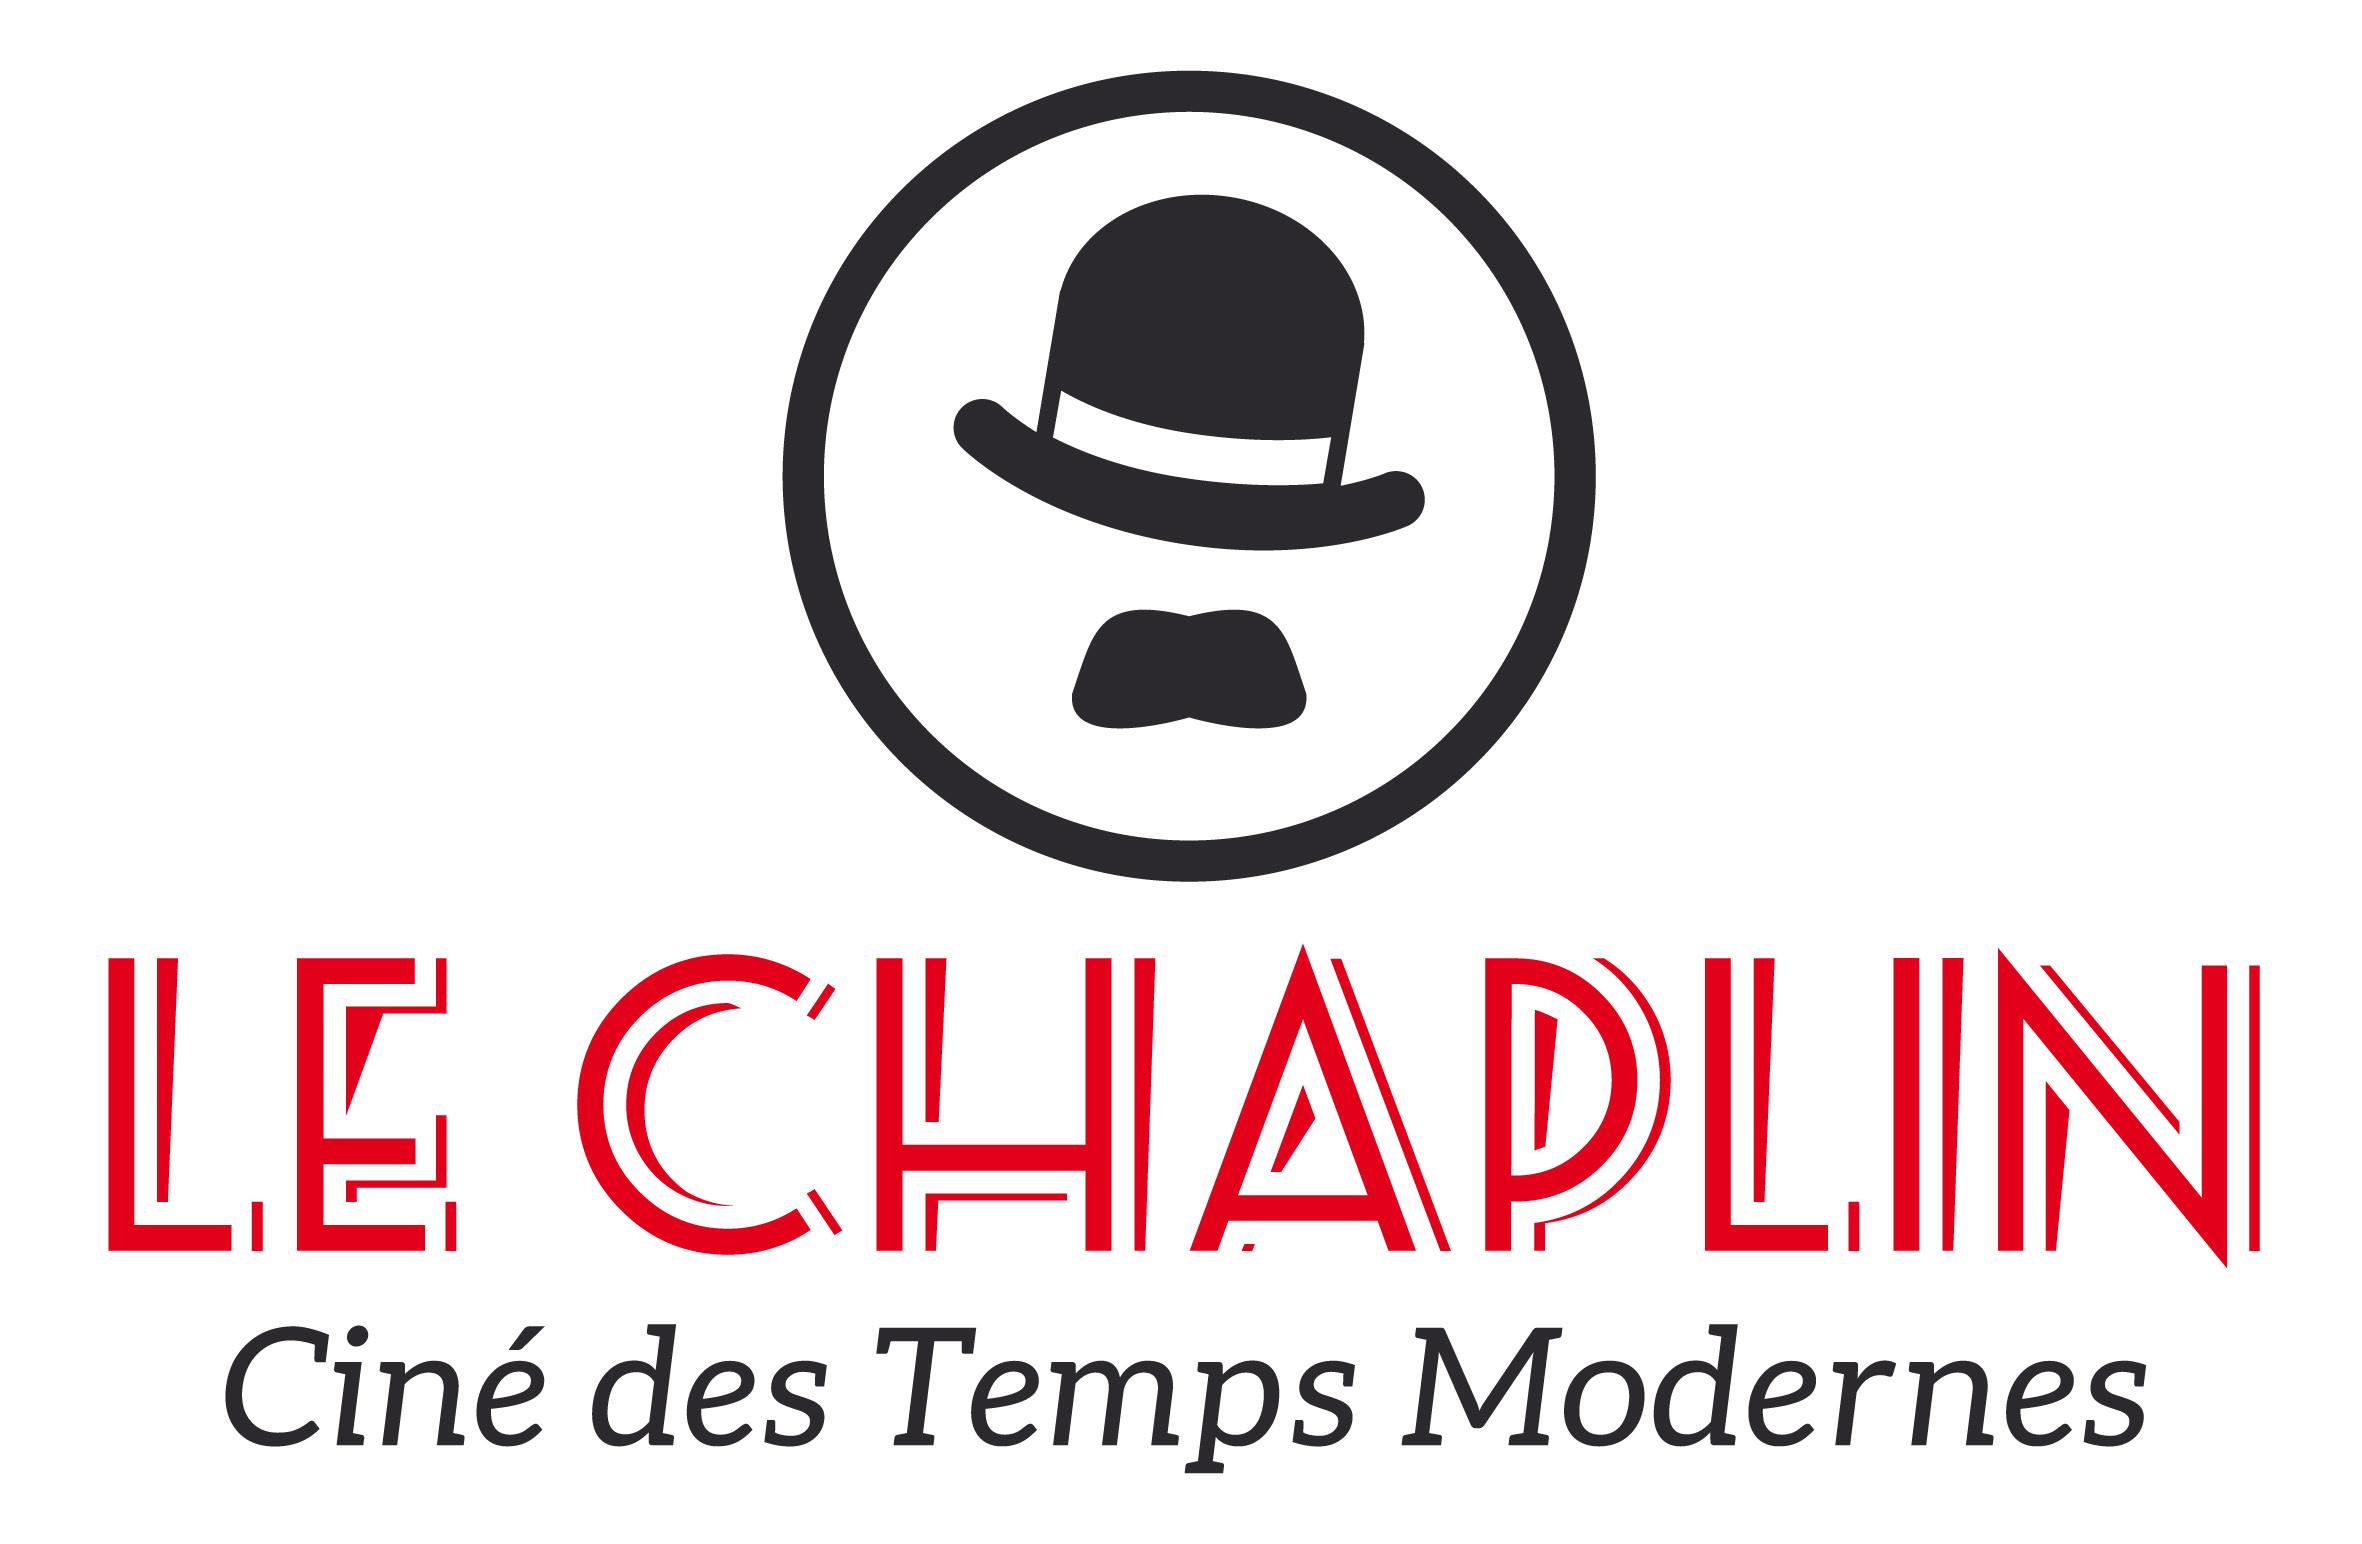 Cinéma Chaplin  Rive de Gier  CGR Events